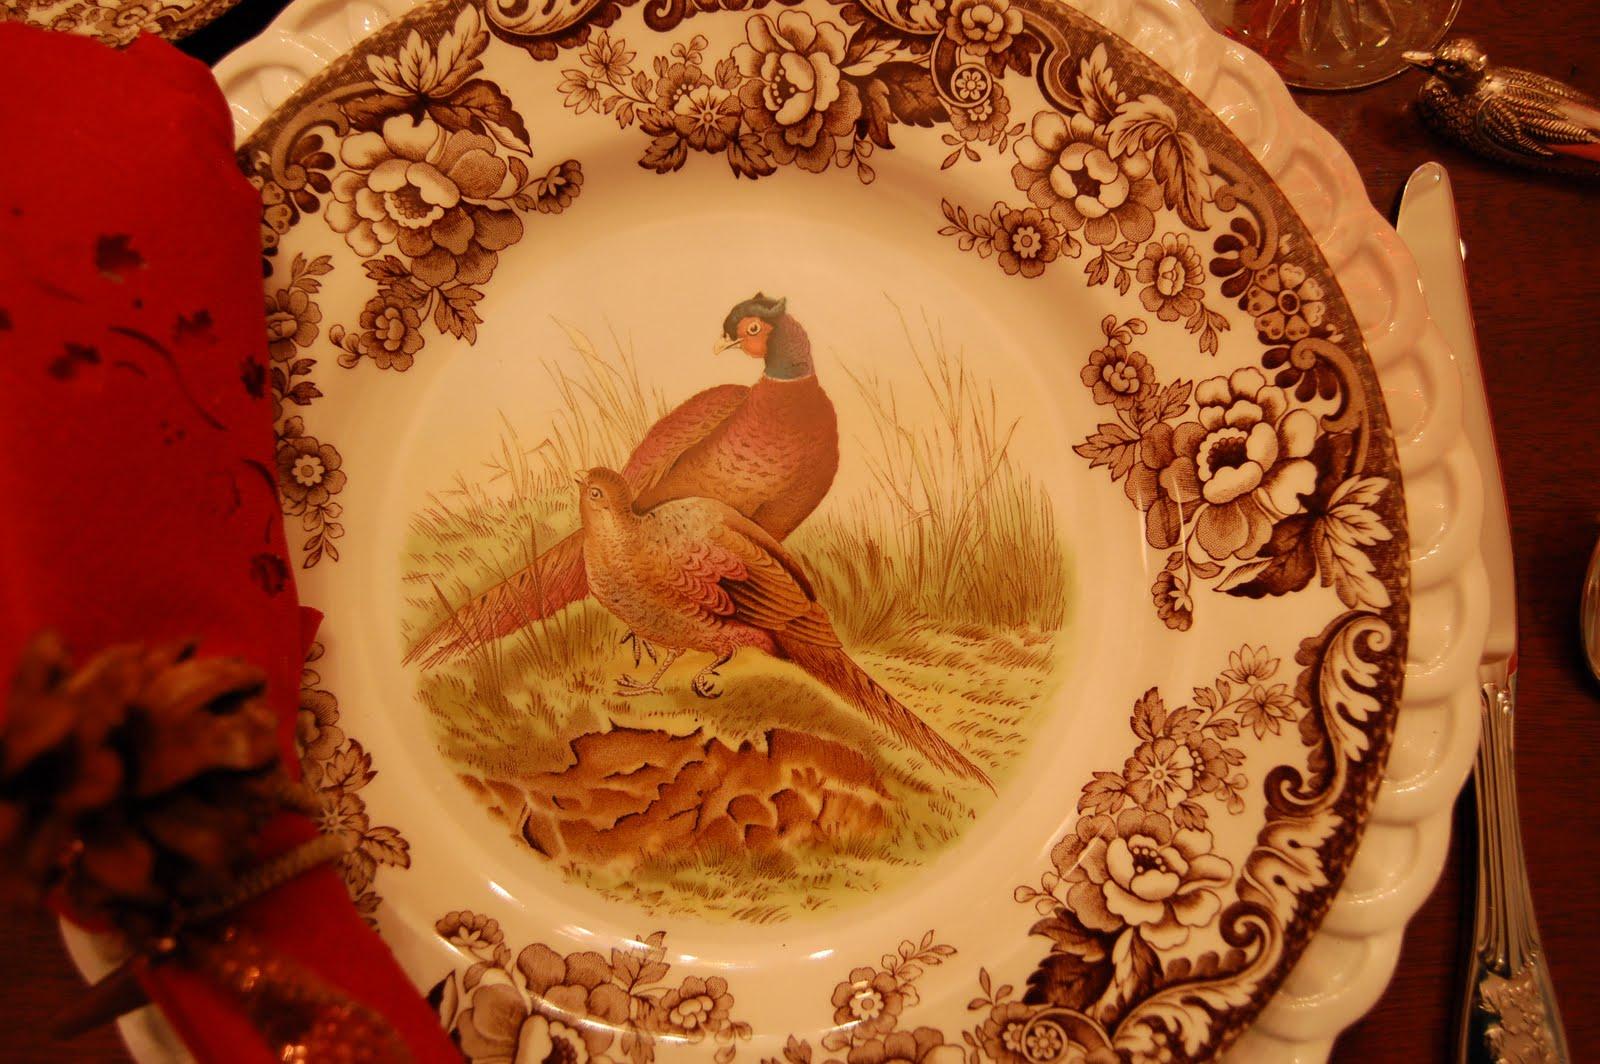 Antique Thanksgiving Turkey Dinnerware ... & Thanksgiving Dinnerware Tableware - Castrophotos